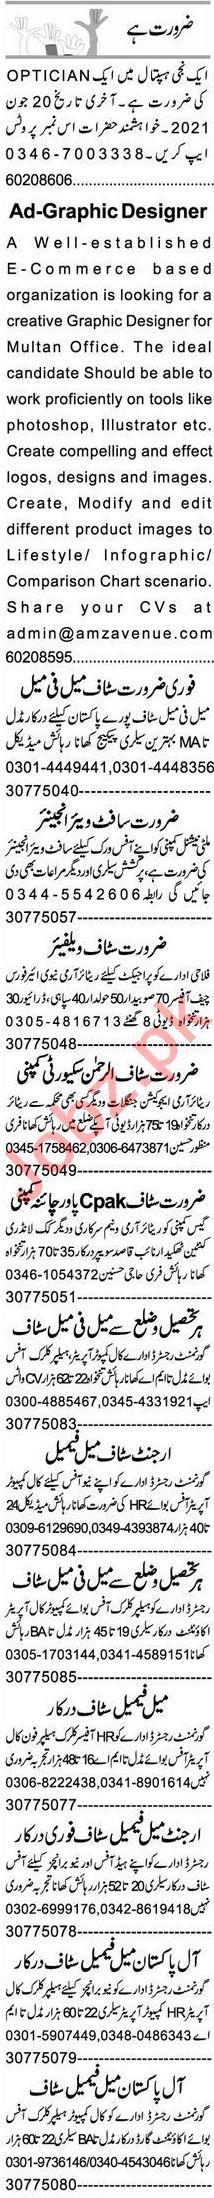 Software Engineer & Graphic Designer Jobs 2021 in Multan